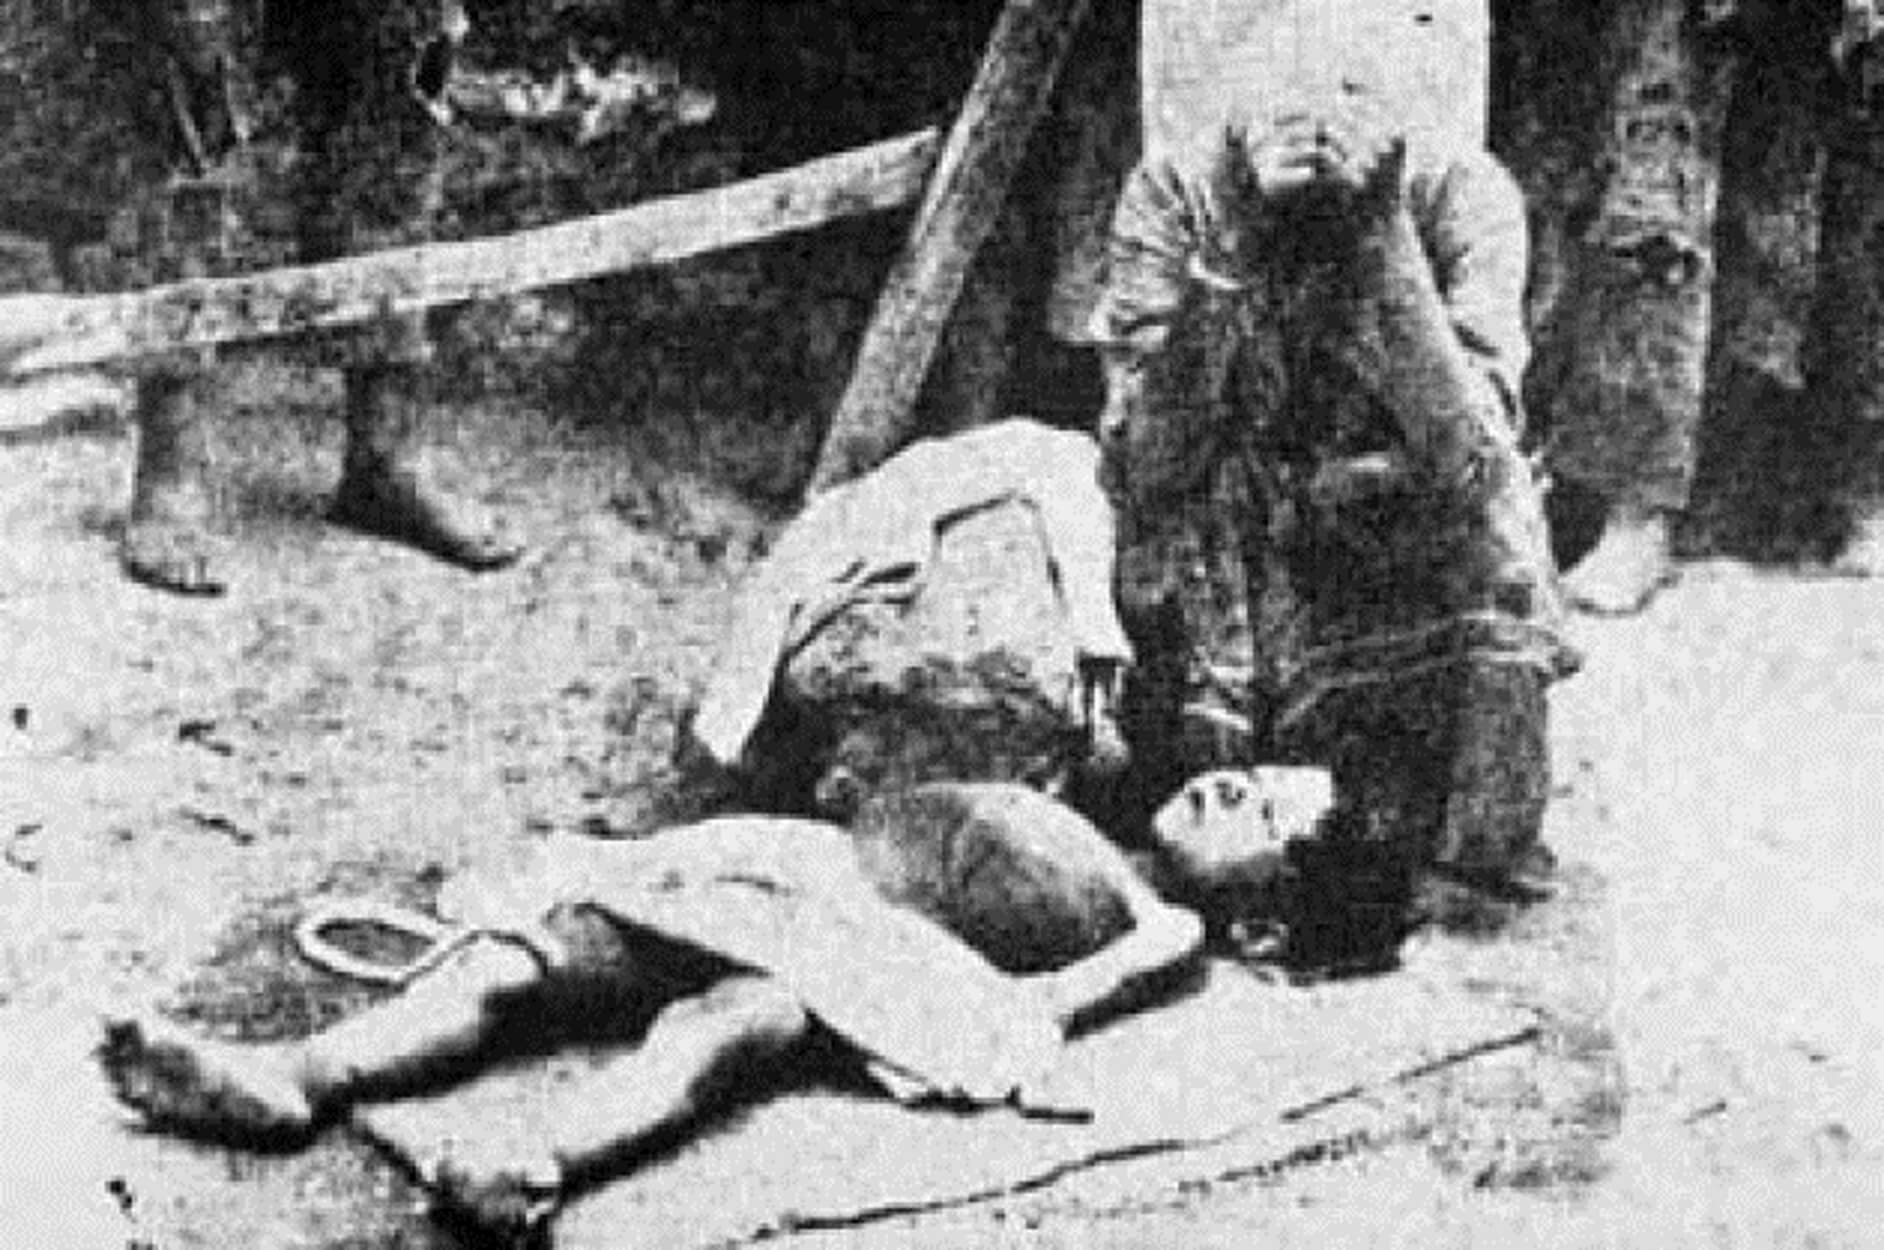 Τουρκία: Διπλωματική κρίση με την Ιταλία για τη Γενοκτονία των Αρμενίων